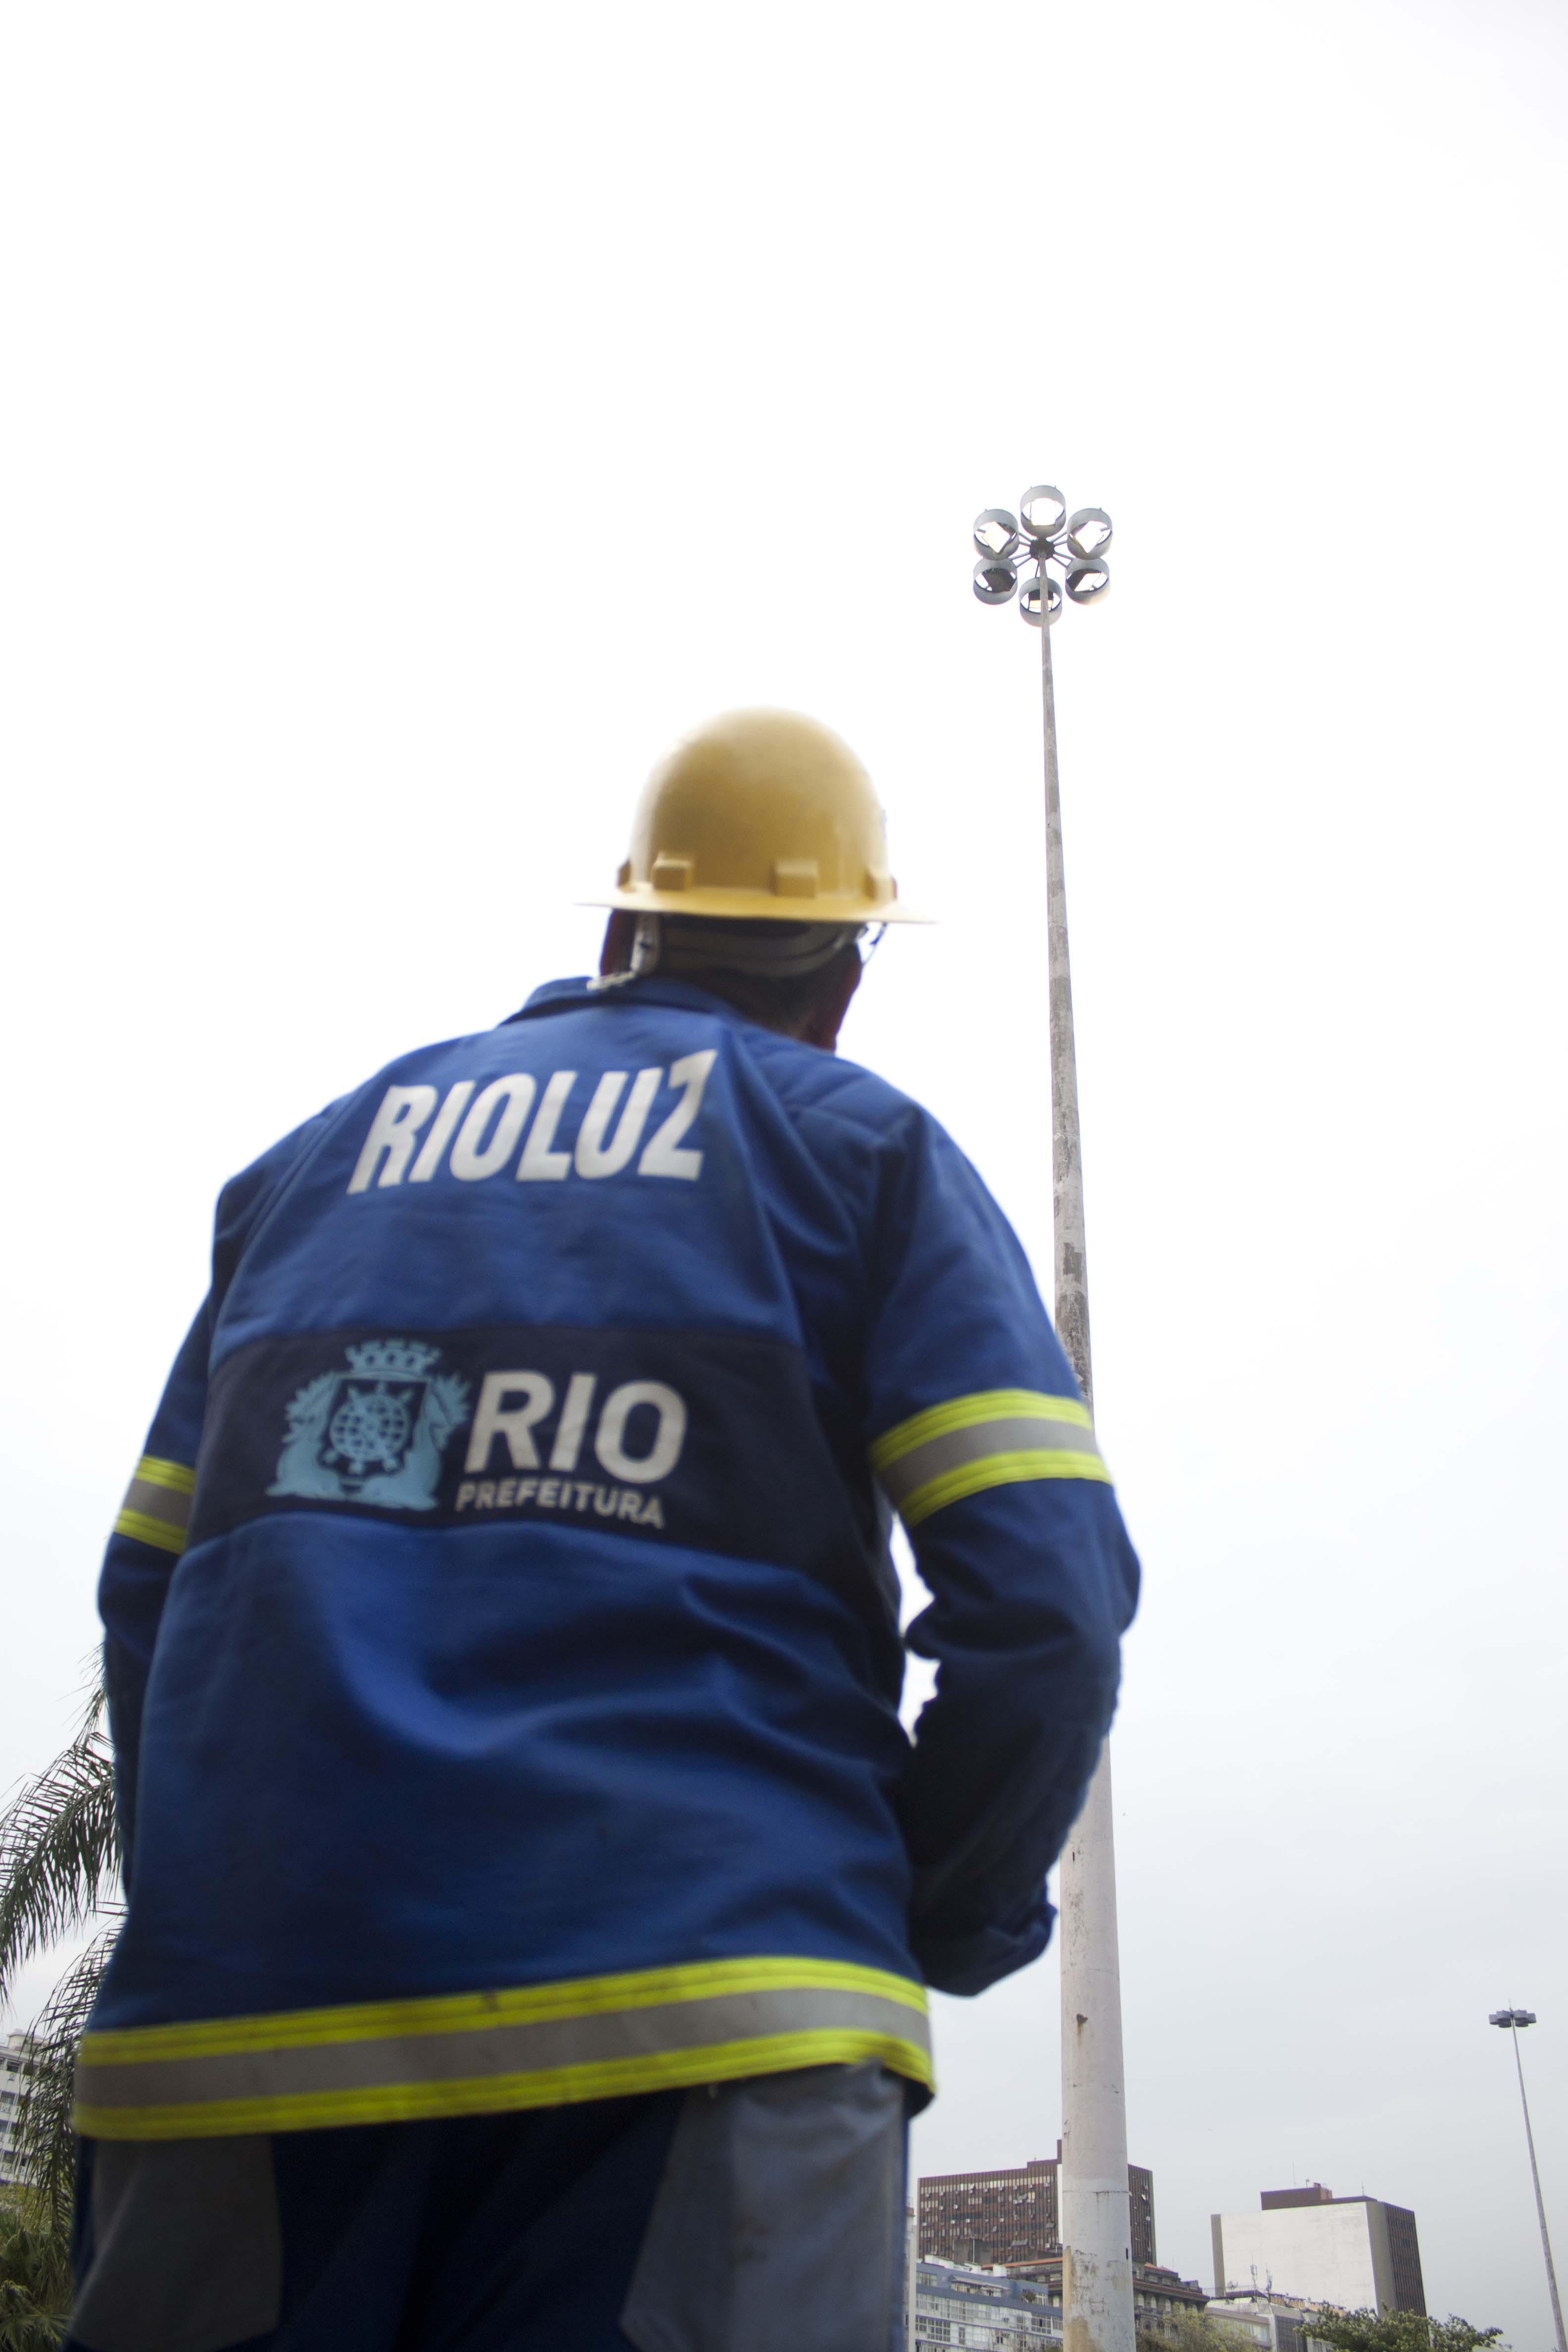 Rioluz moderniza iluminação em bairros da Zona Norte e Oeste